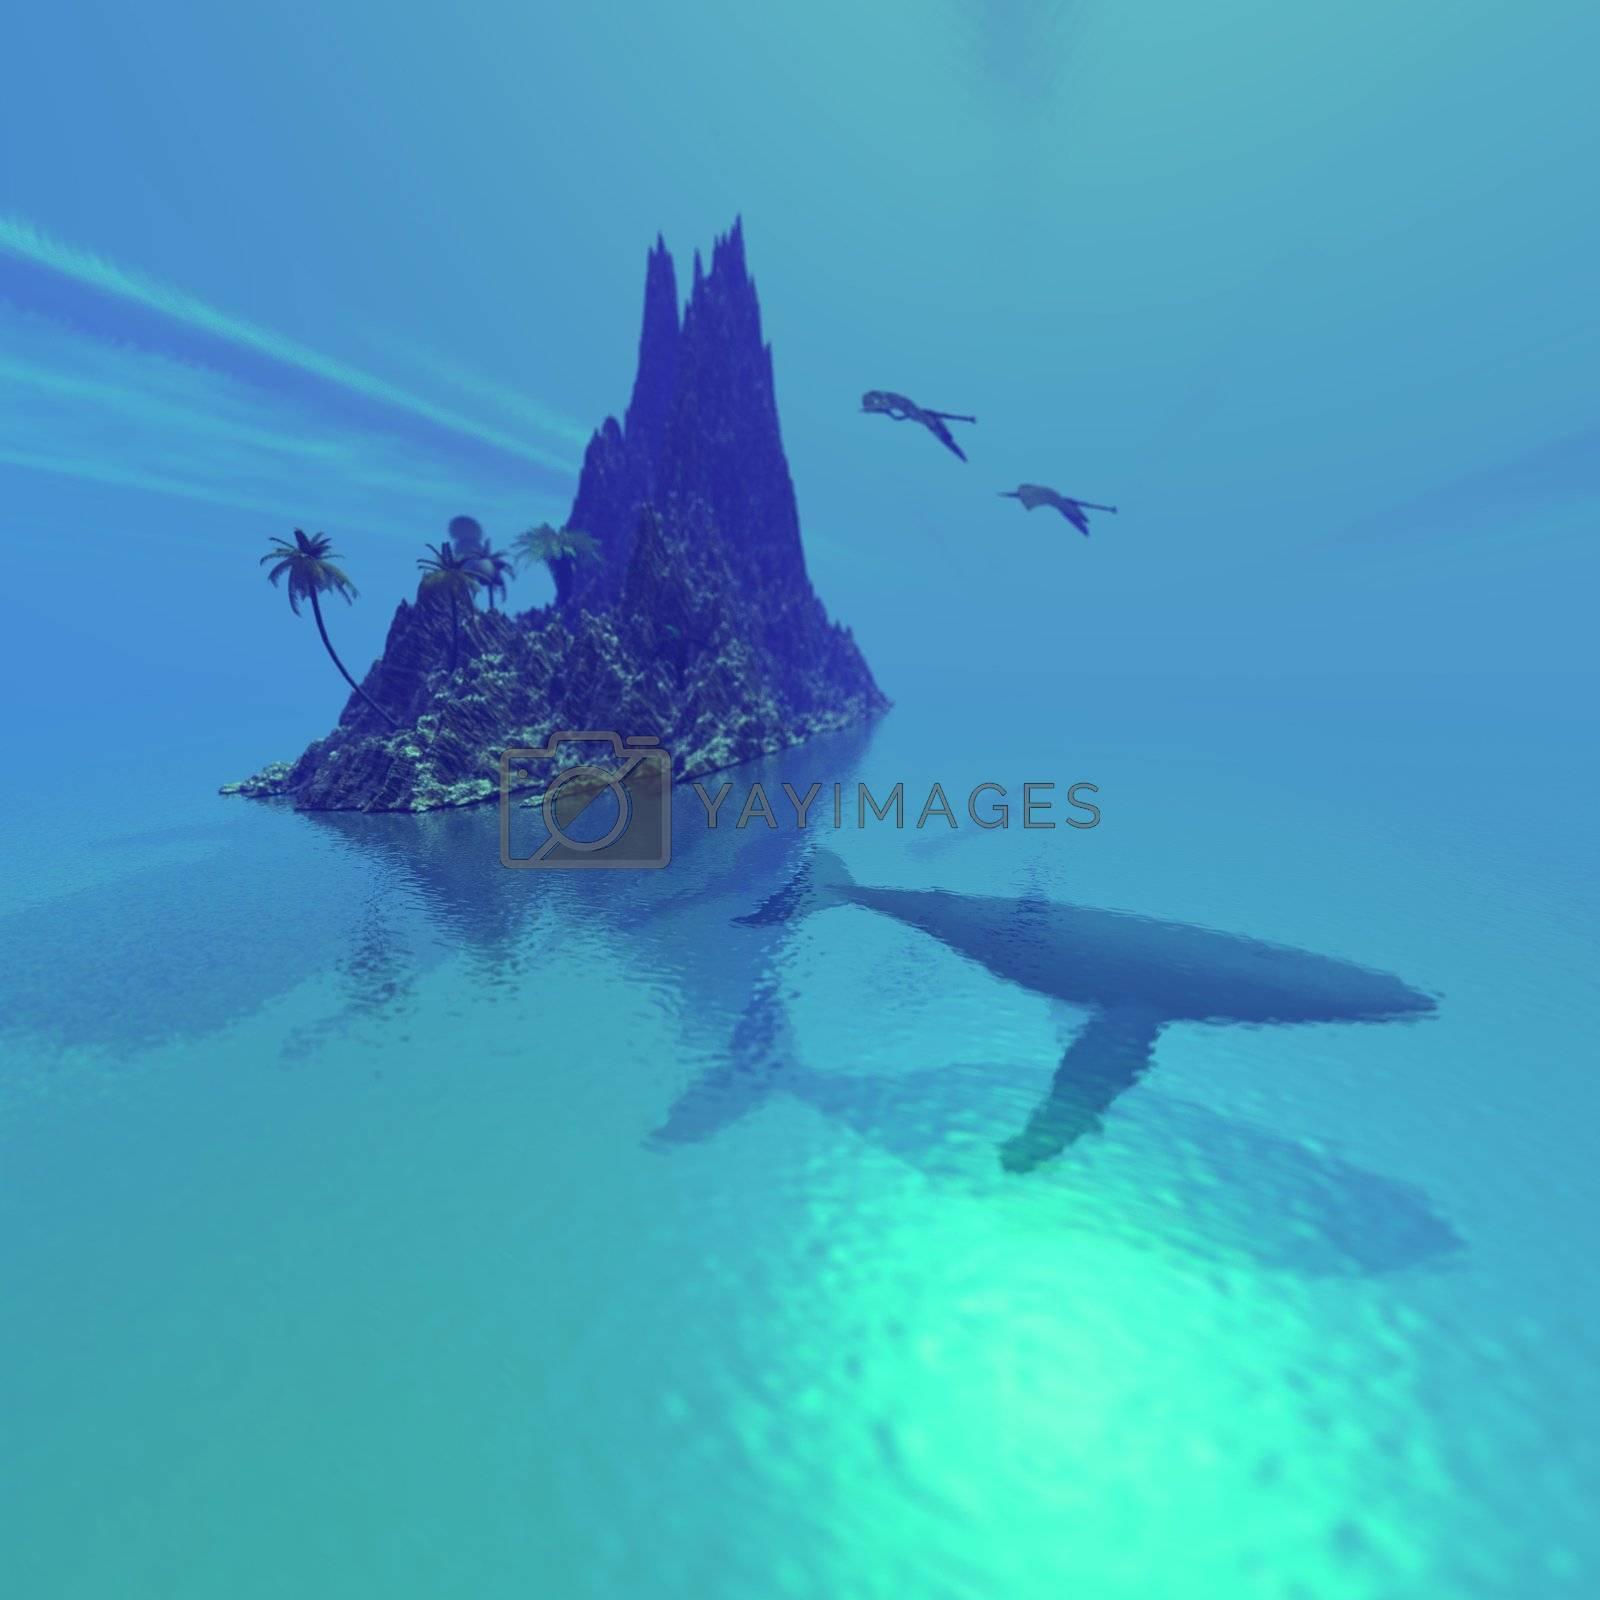 A Humpback whale lies near a fantasy tropical island.